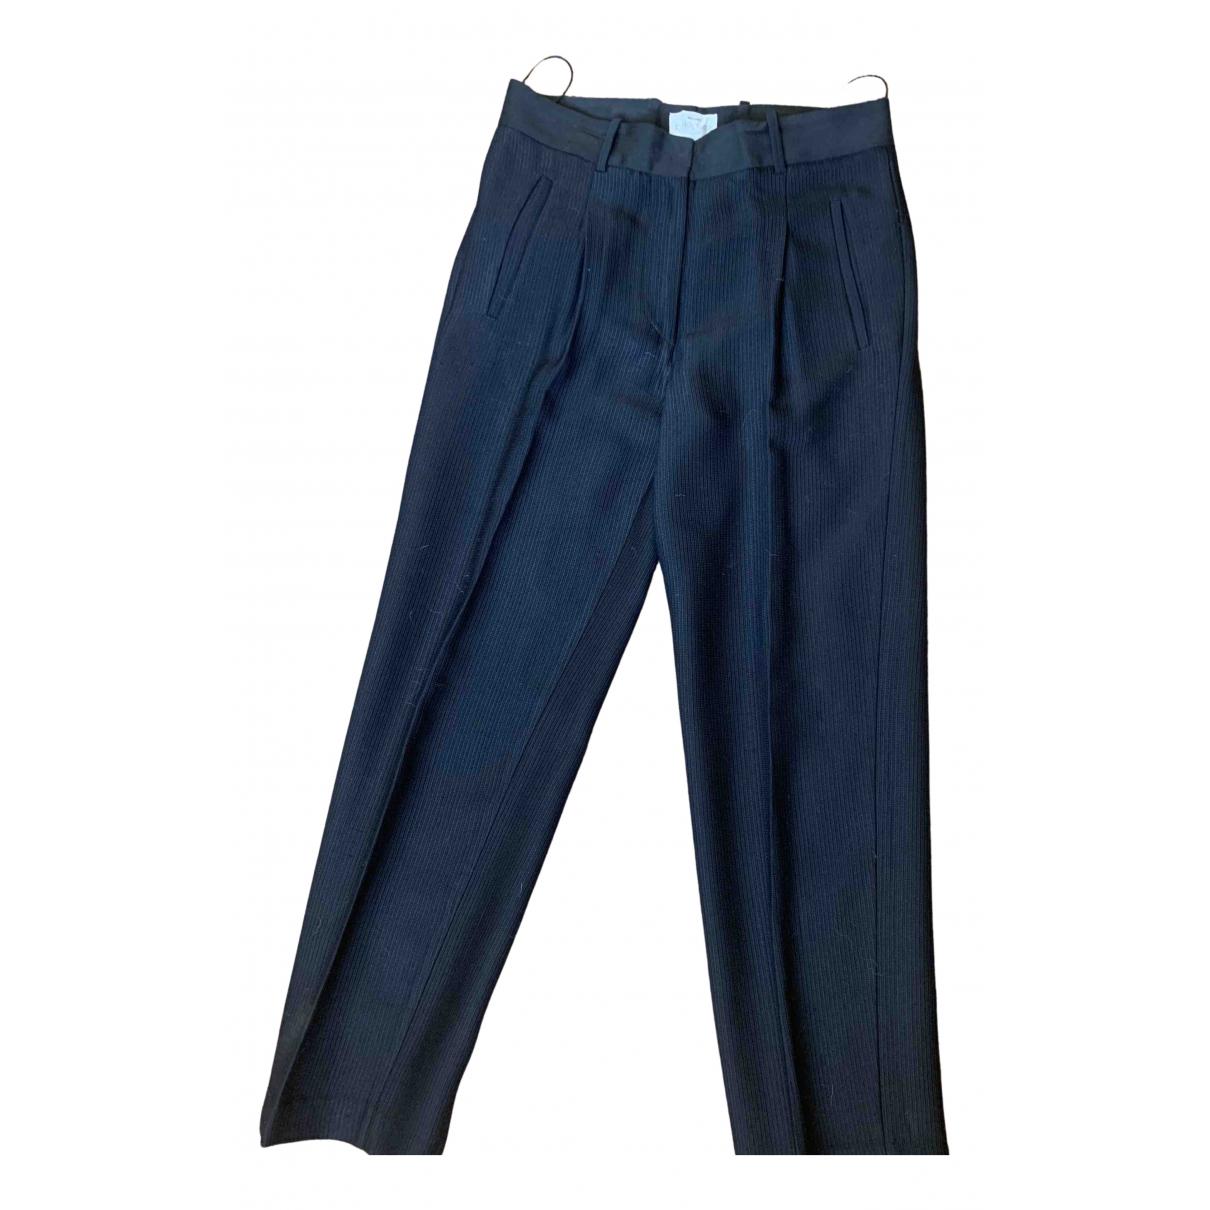 Pantalon de traje de Lana Forte_forte